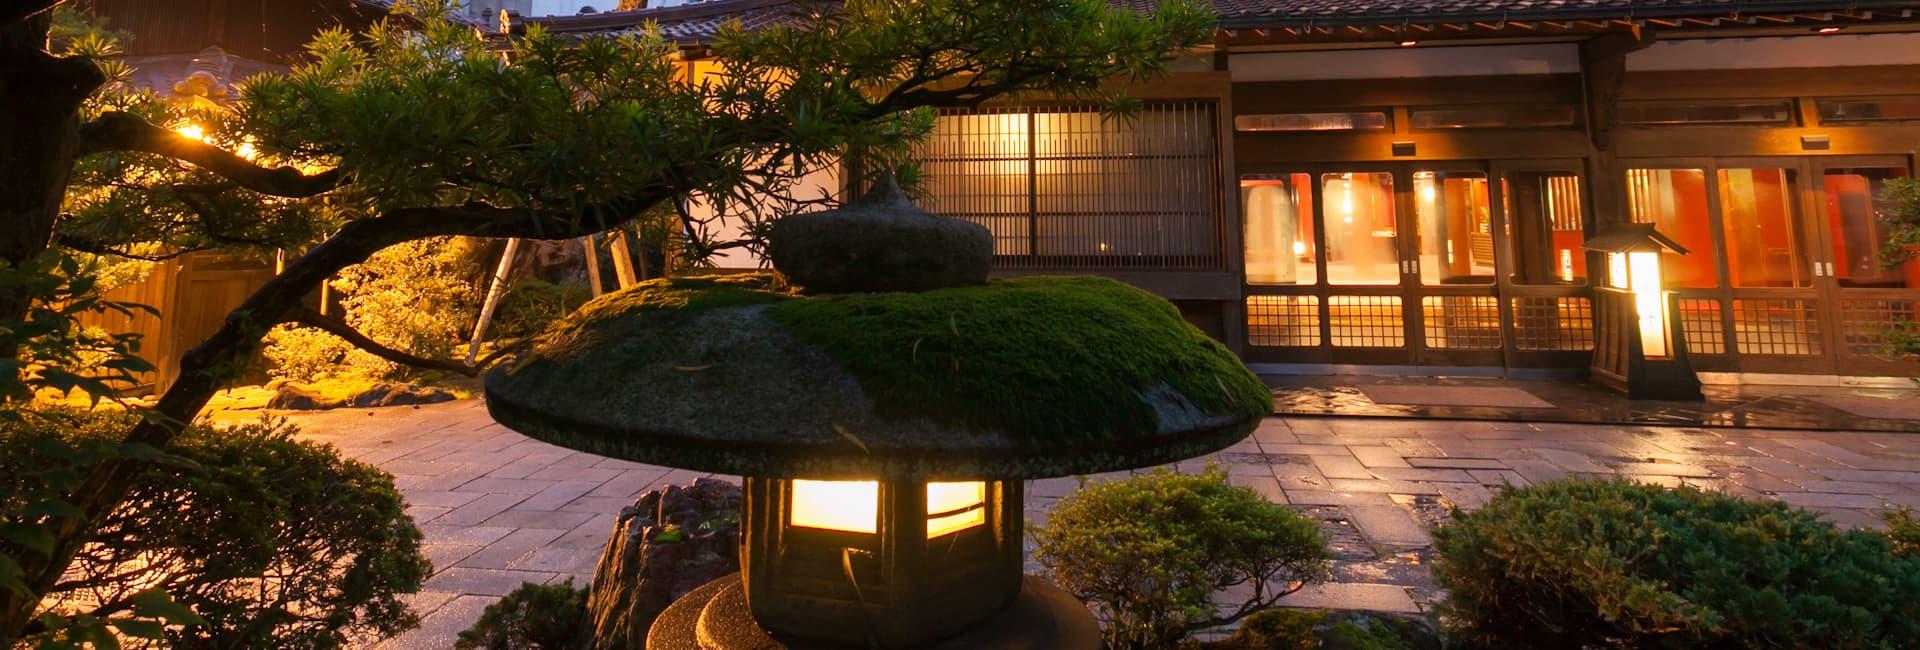 auberge japonaise ryokan